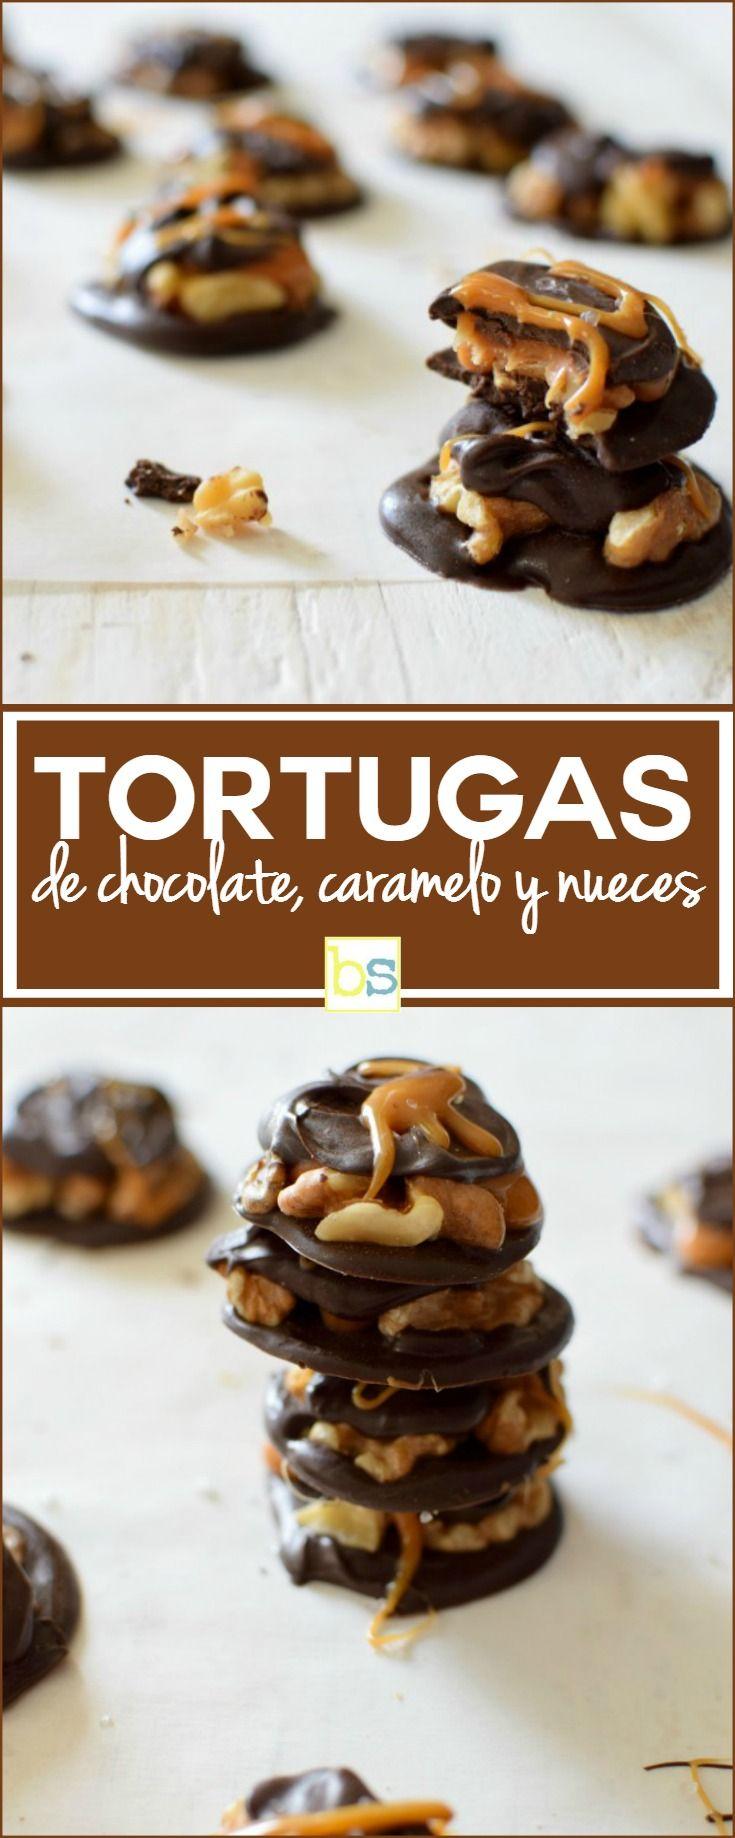 Una golosina fácil de preparar y muy rápida ademas, tortugas de chocolate con caramelo y nueces, excelente para hacer una regalo, recuerdos de fiestas y más. En bizcochosysancochos.com